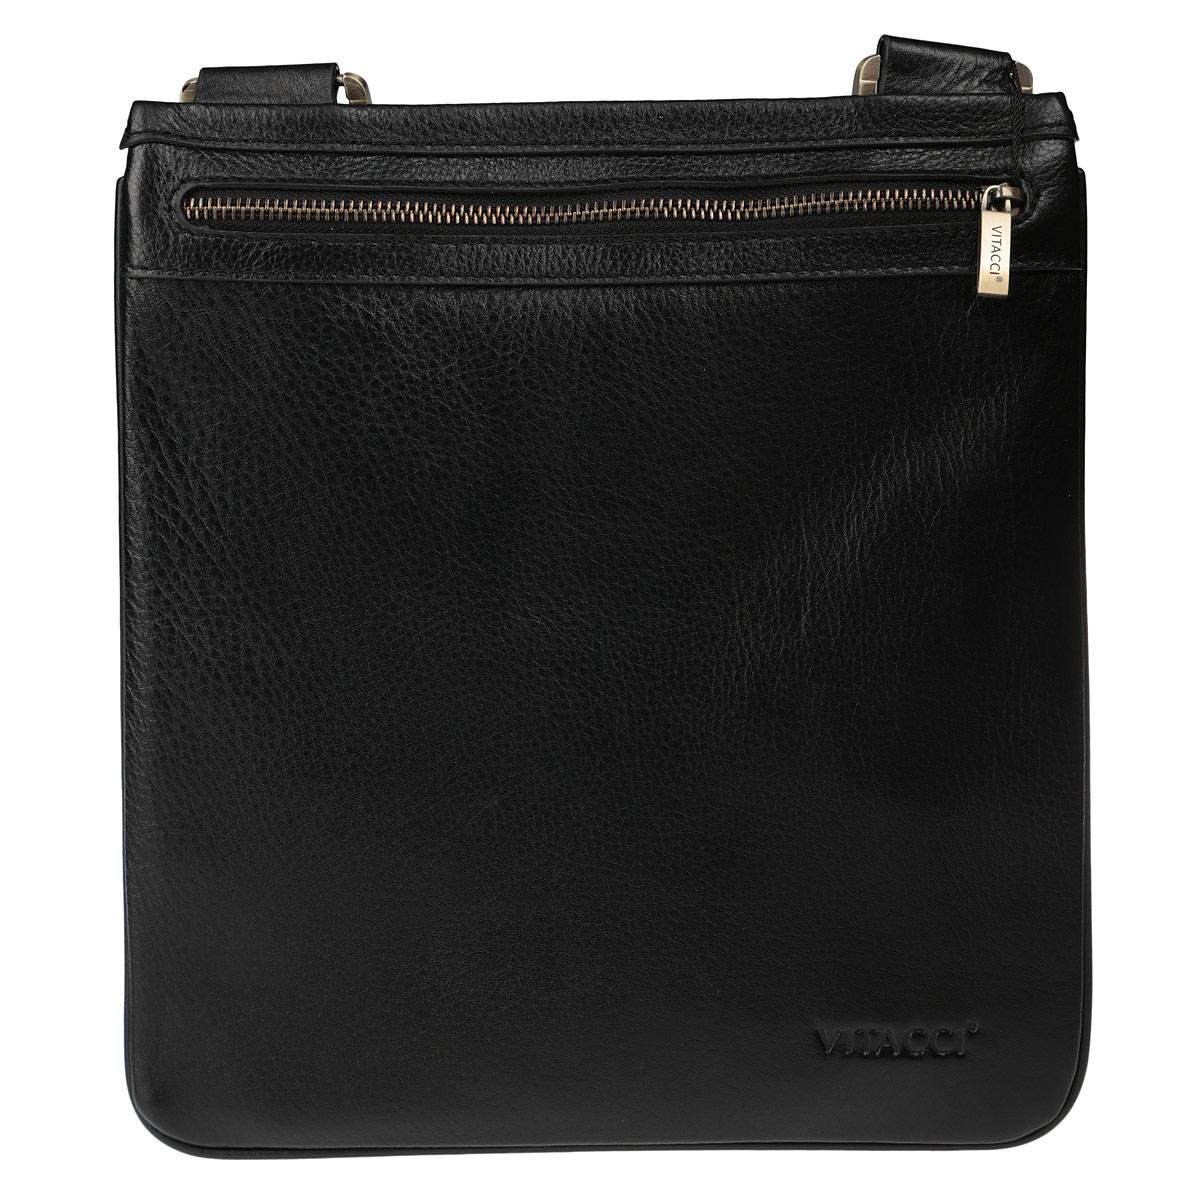 Сумка мужская Vitacci, цвет: черный. LB0038S76245Стильная мужская сумка Vitacci выполнена из натуральной кожи и оформлена тиснением в виде логотипа бренда. Модель состоит из одного большого отделения, застегивающегося на застежку-молнию. Плечевой ремень регулируется по длине. Отличная модель, которая подчеркнет ваш образ.